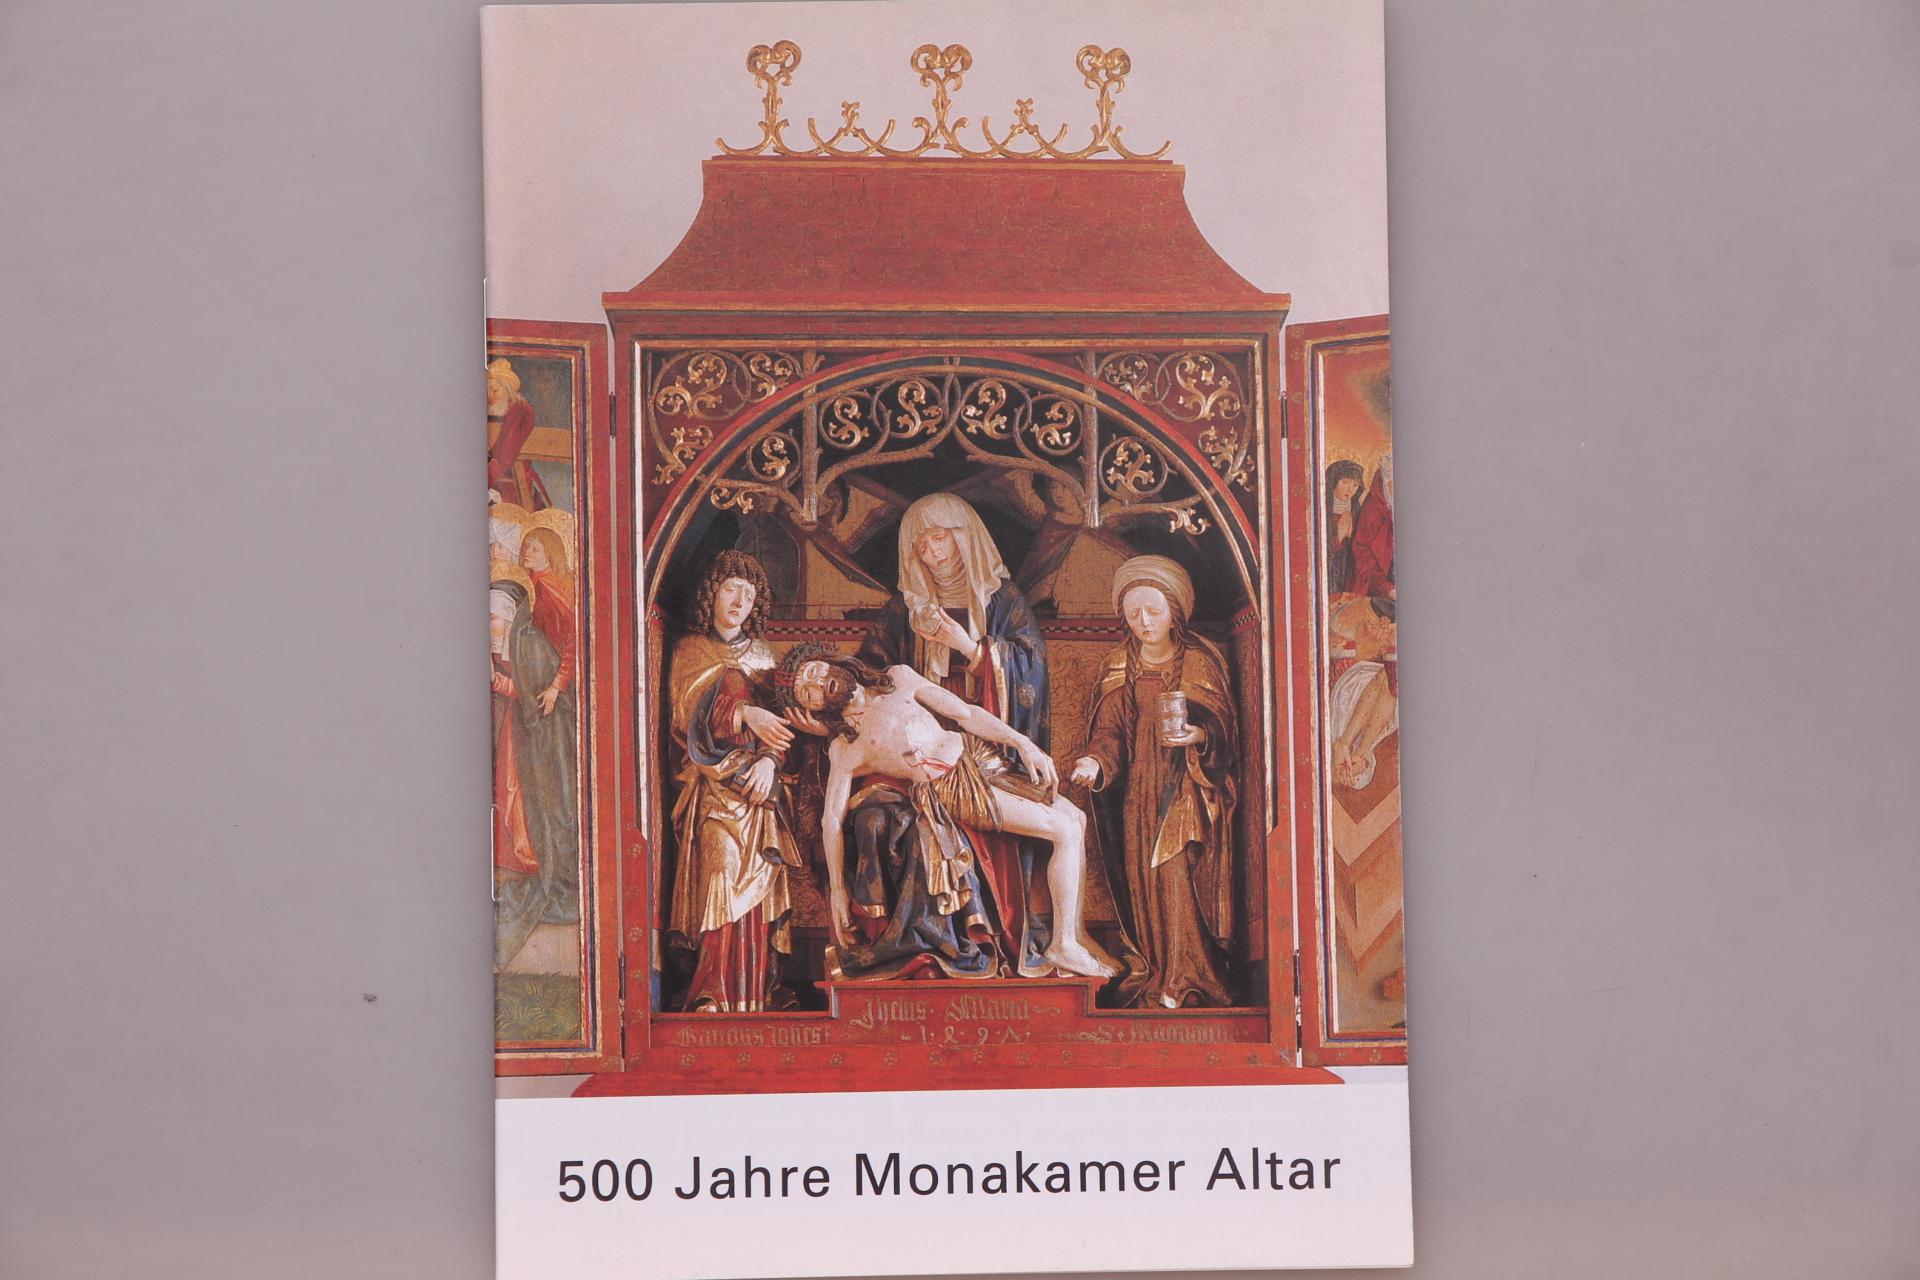 500 JAHRE MONAKAMER ALTAR